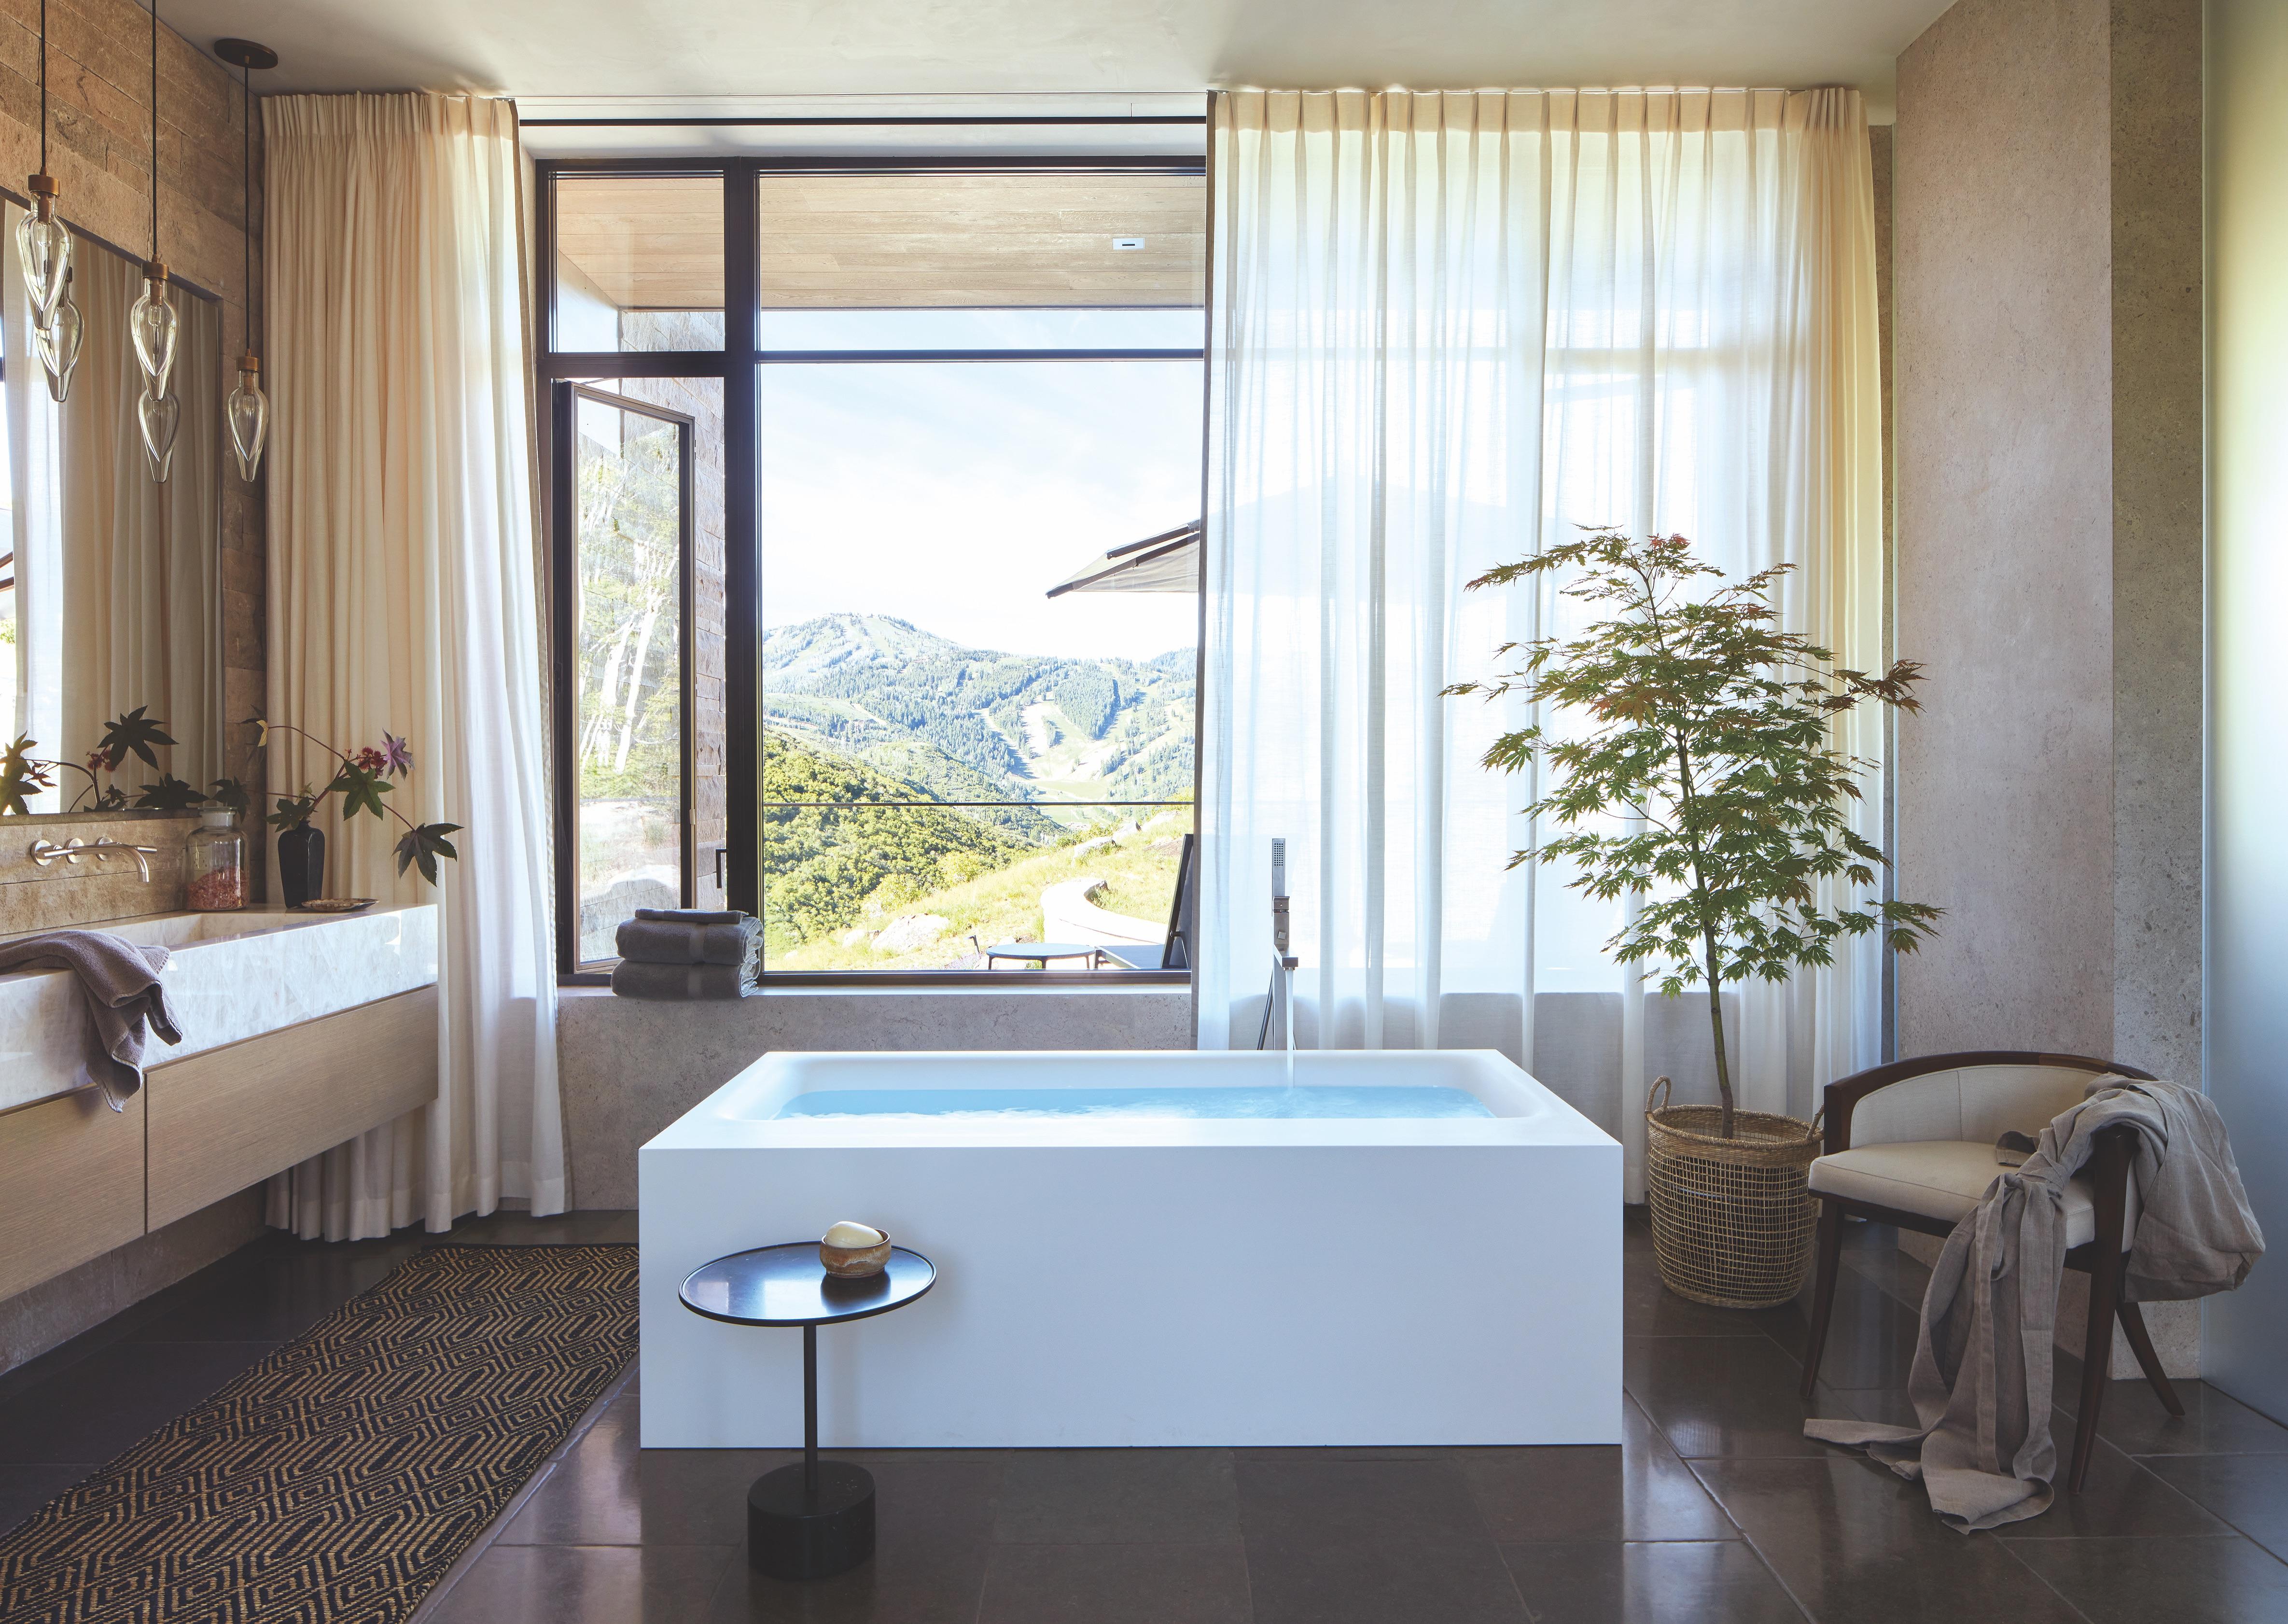 Hoty Bath